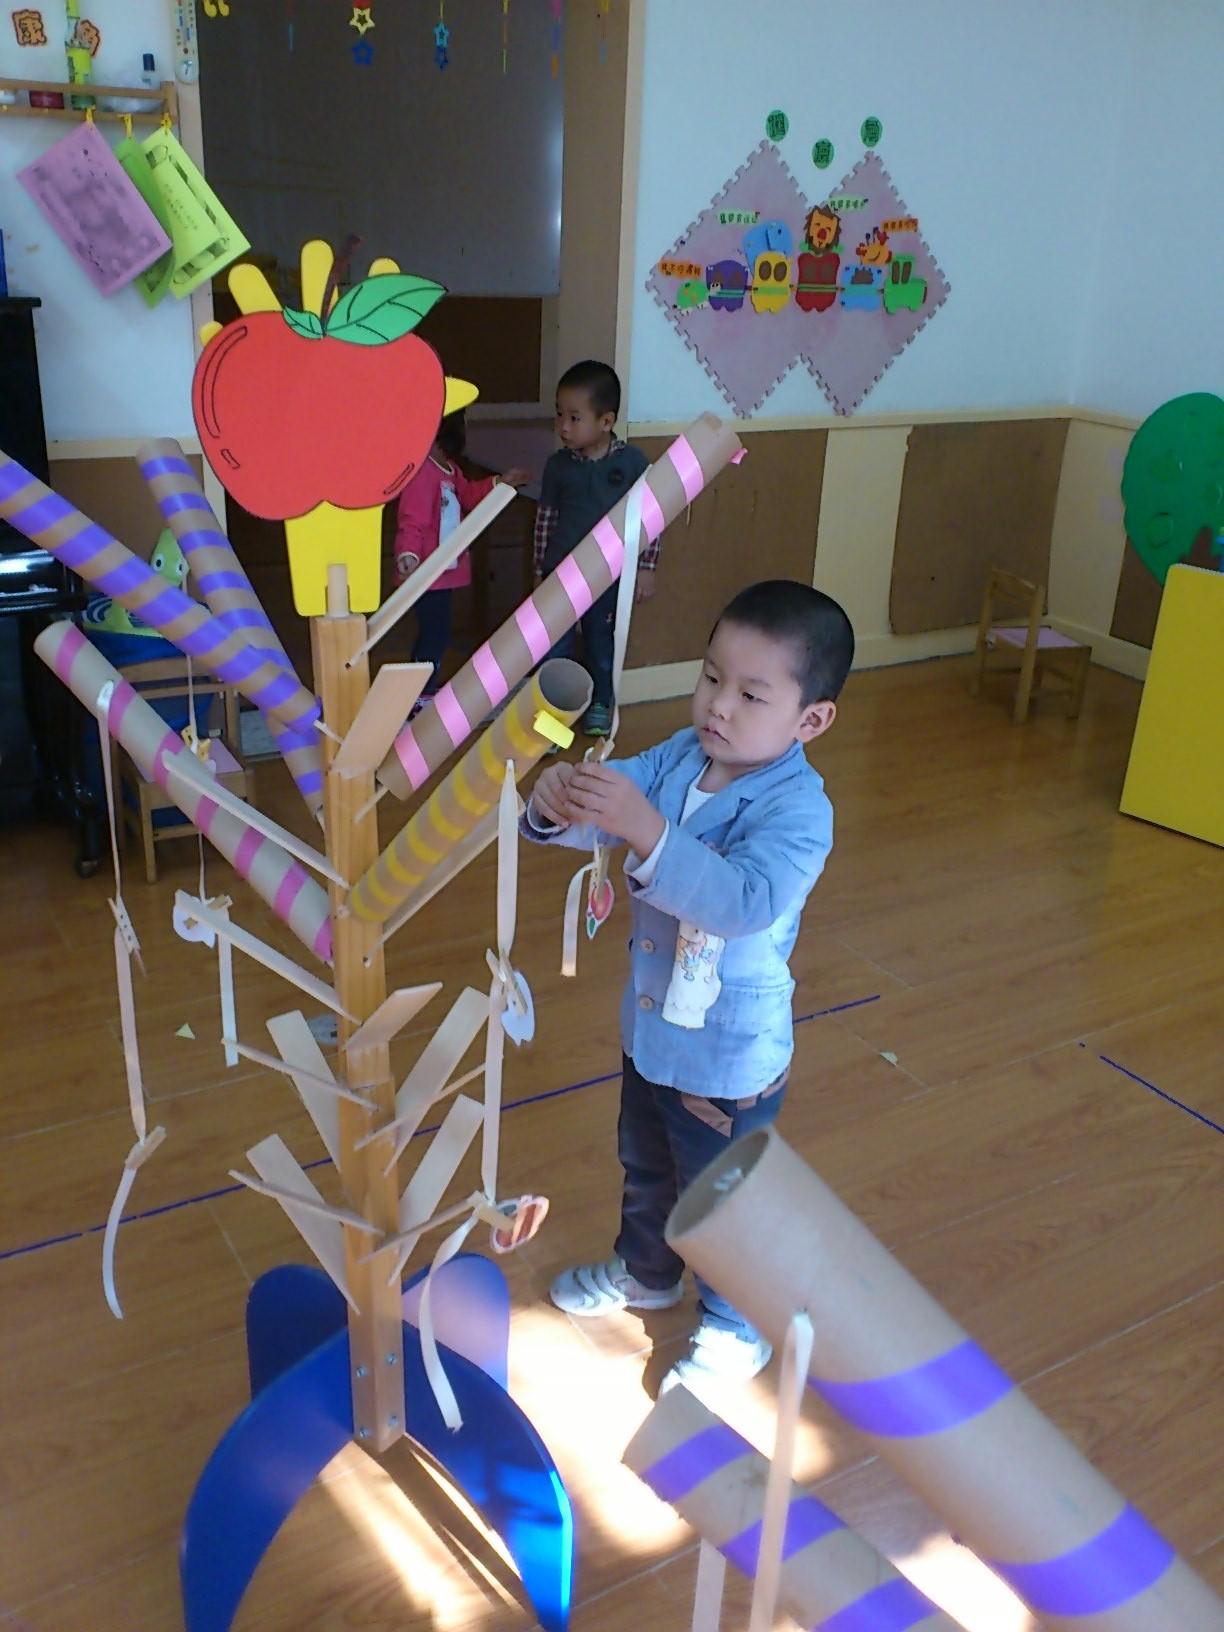 园所主页 班级主页 实验东园大三班 班级相册  苹果树&橘子树